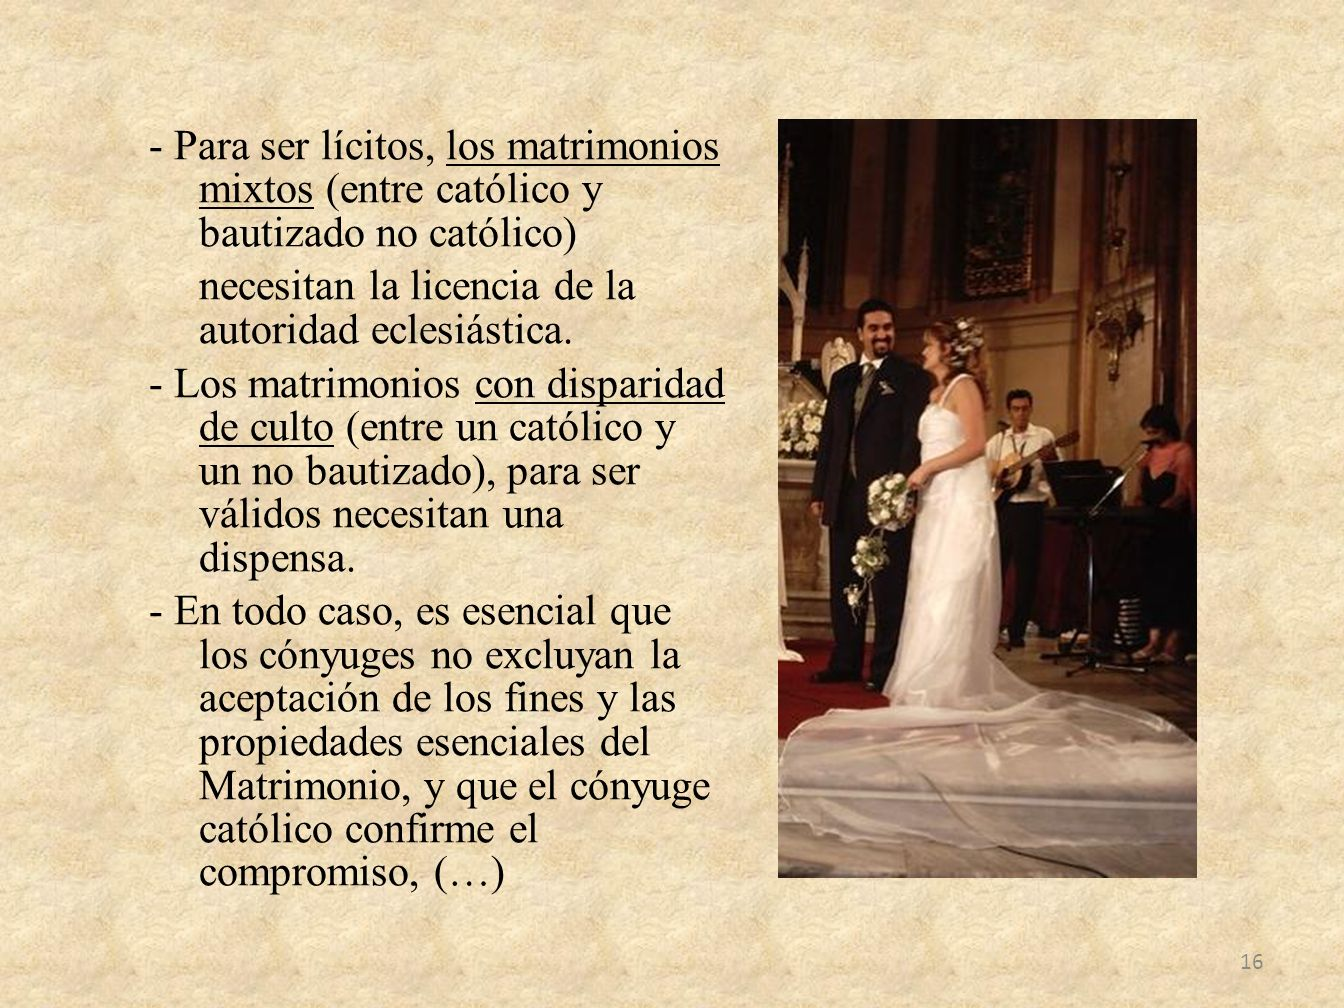 Matrimonio Mixto Catolico Ortodoxo : C u r s o para padres y catequistas de primera comunión